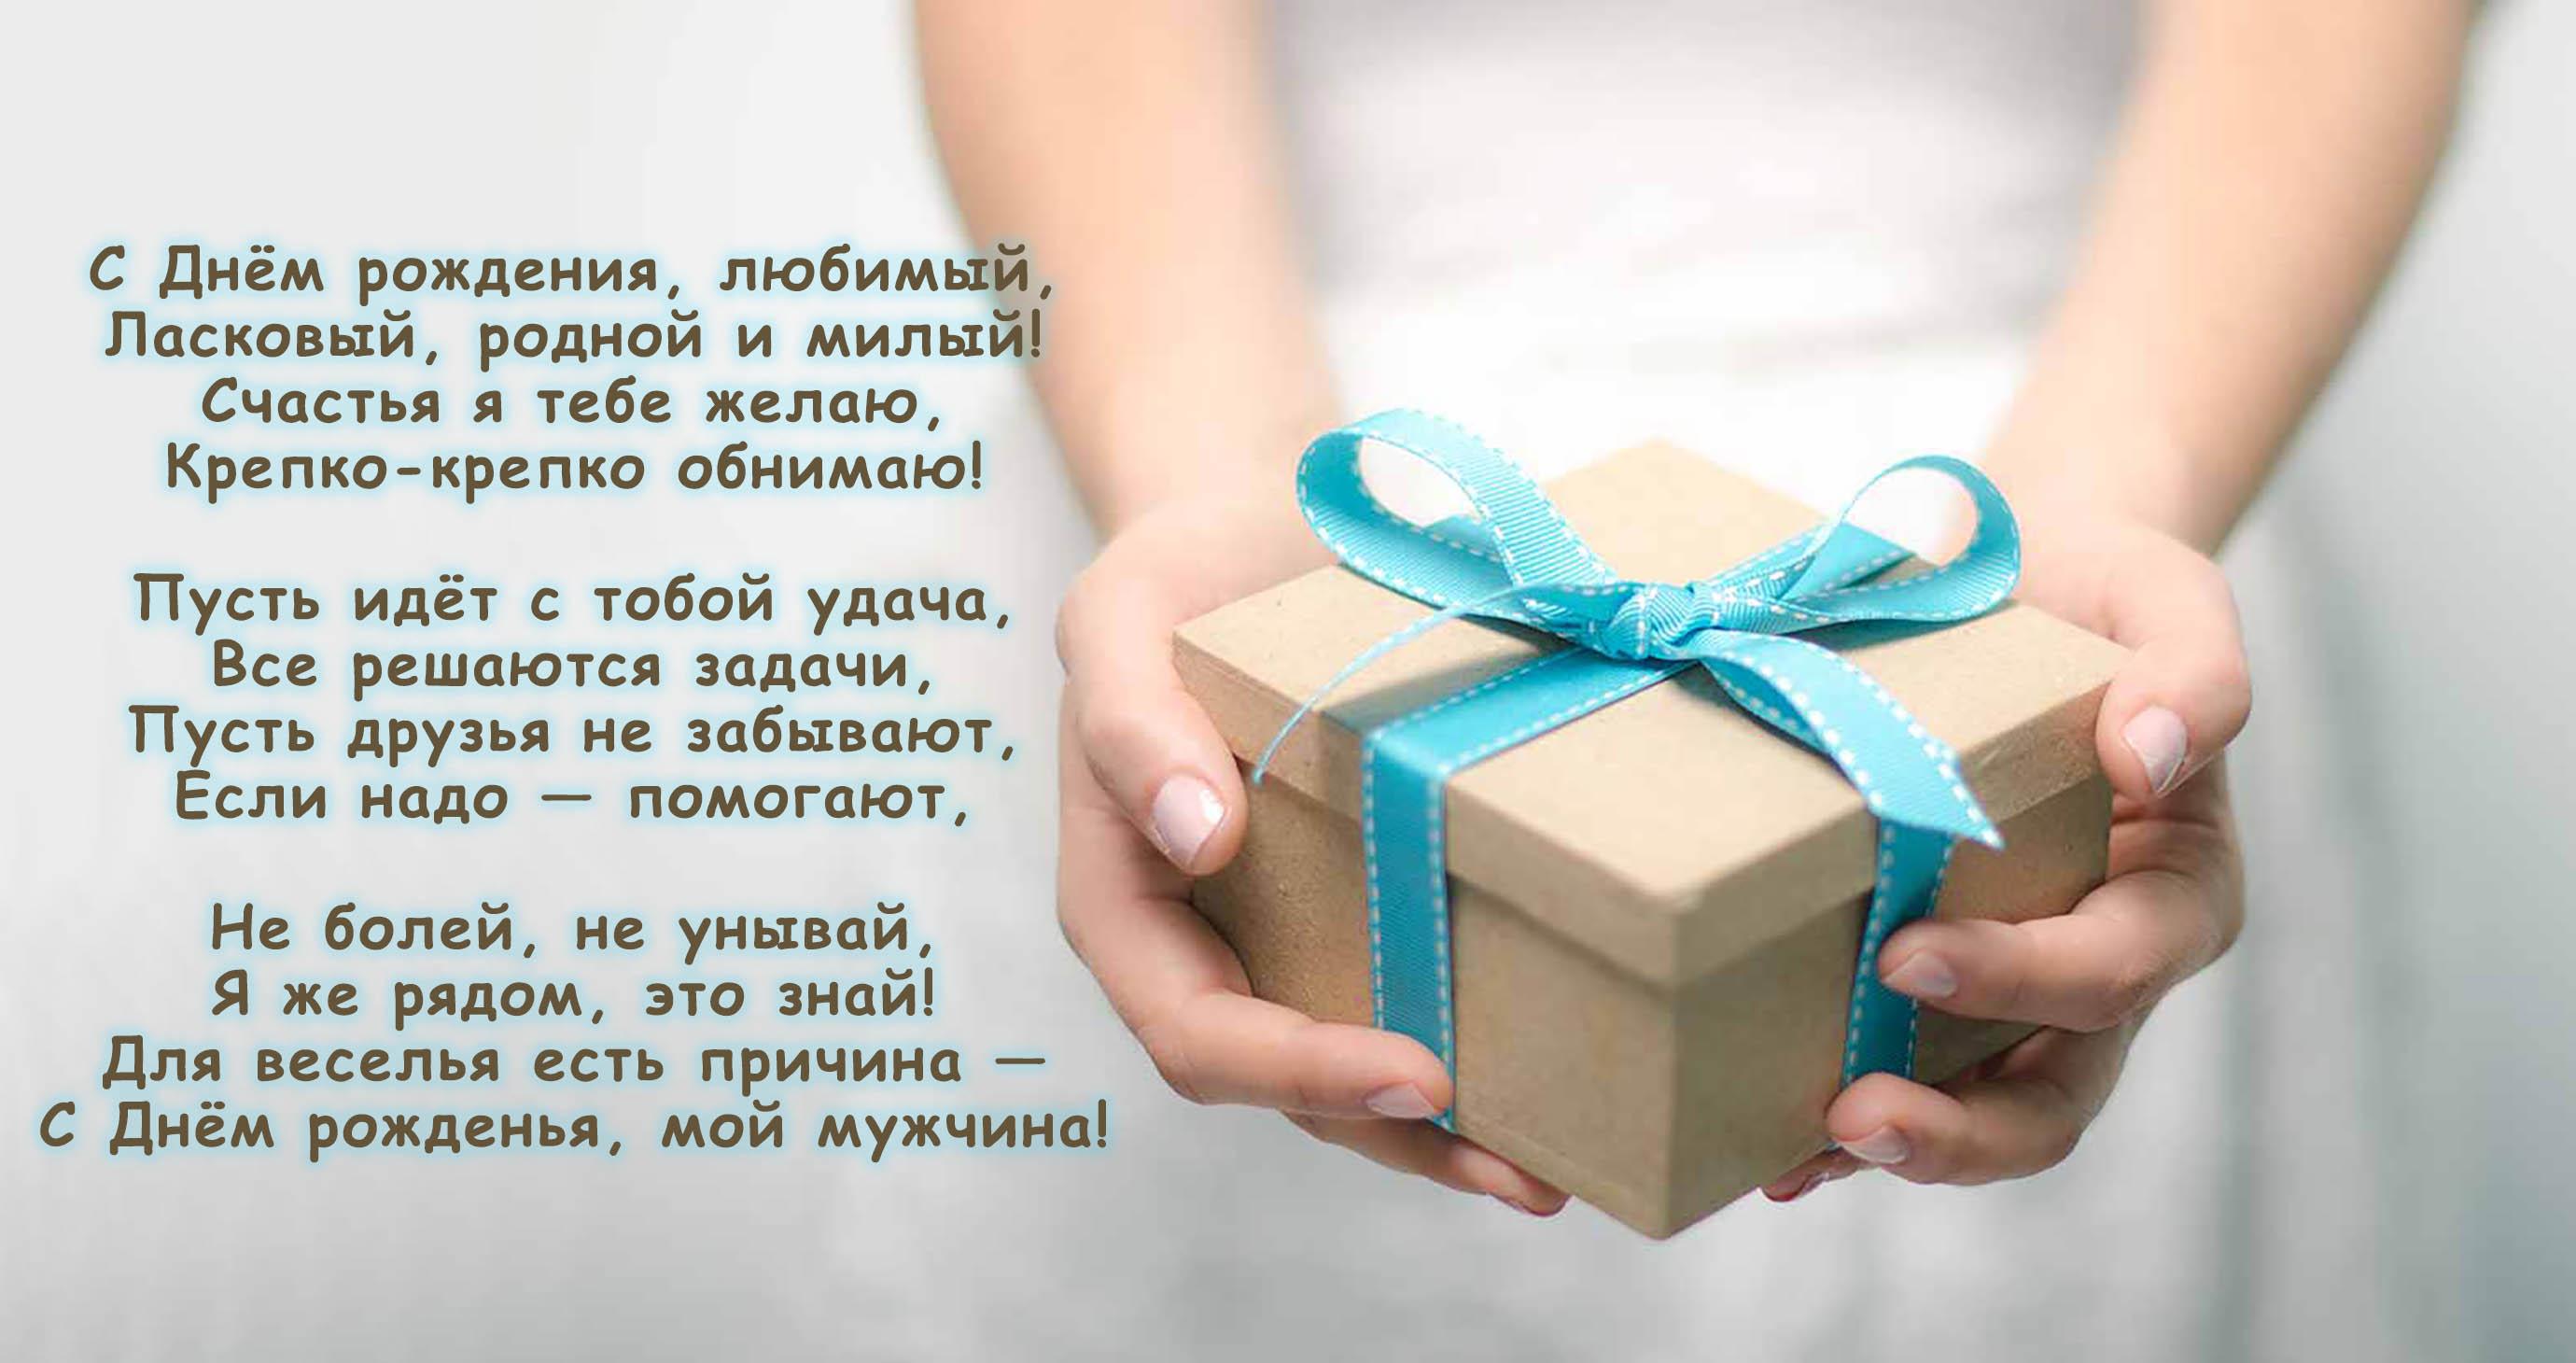 Открытки на день рождения для мужчин Открытки